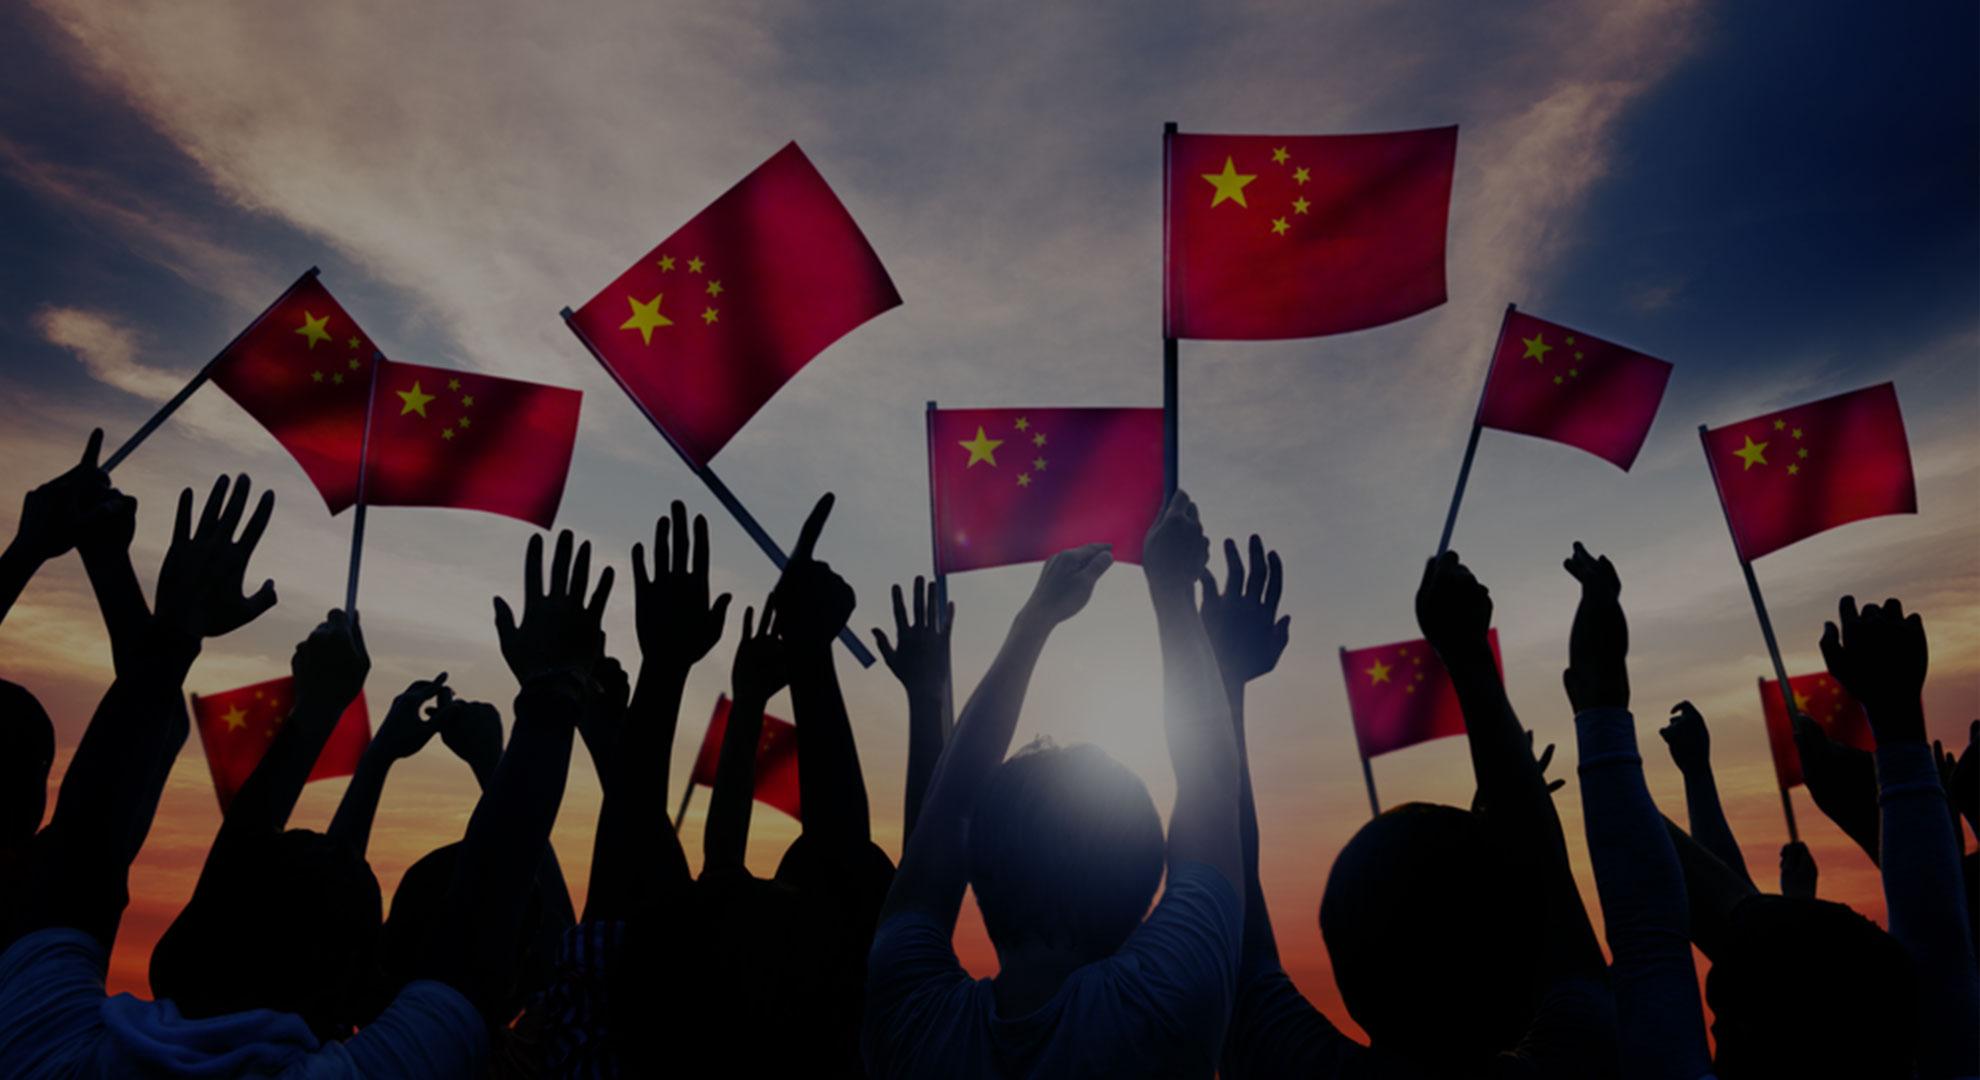 중국 문화대혁명이 없었다면?